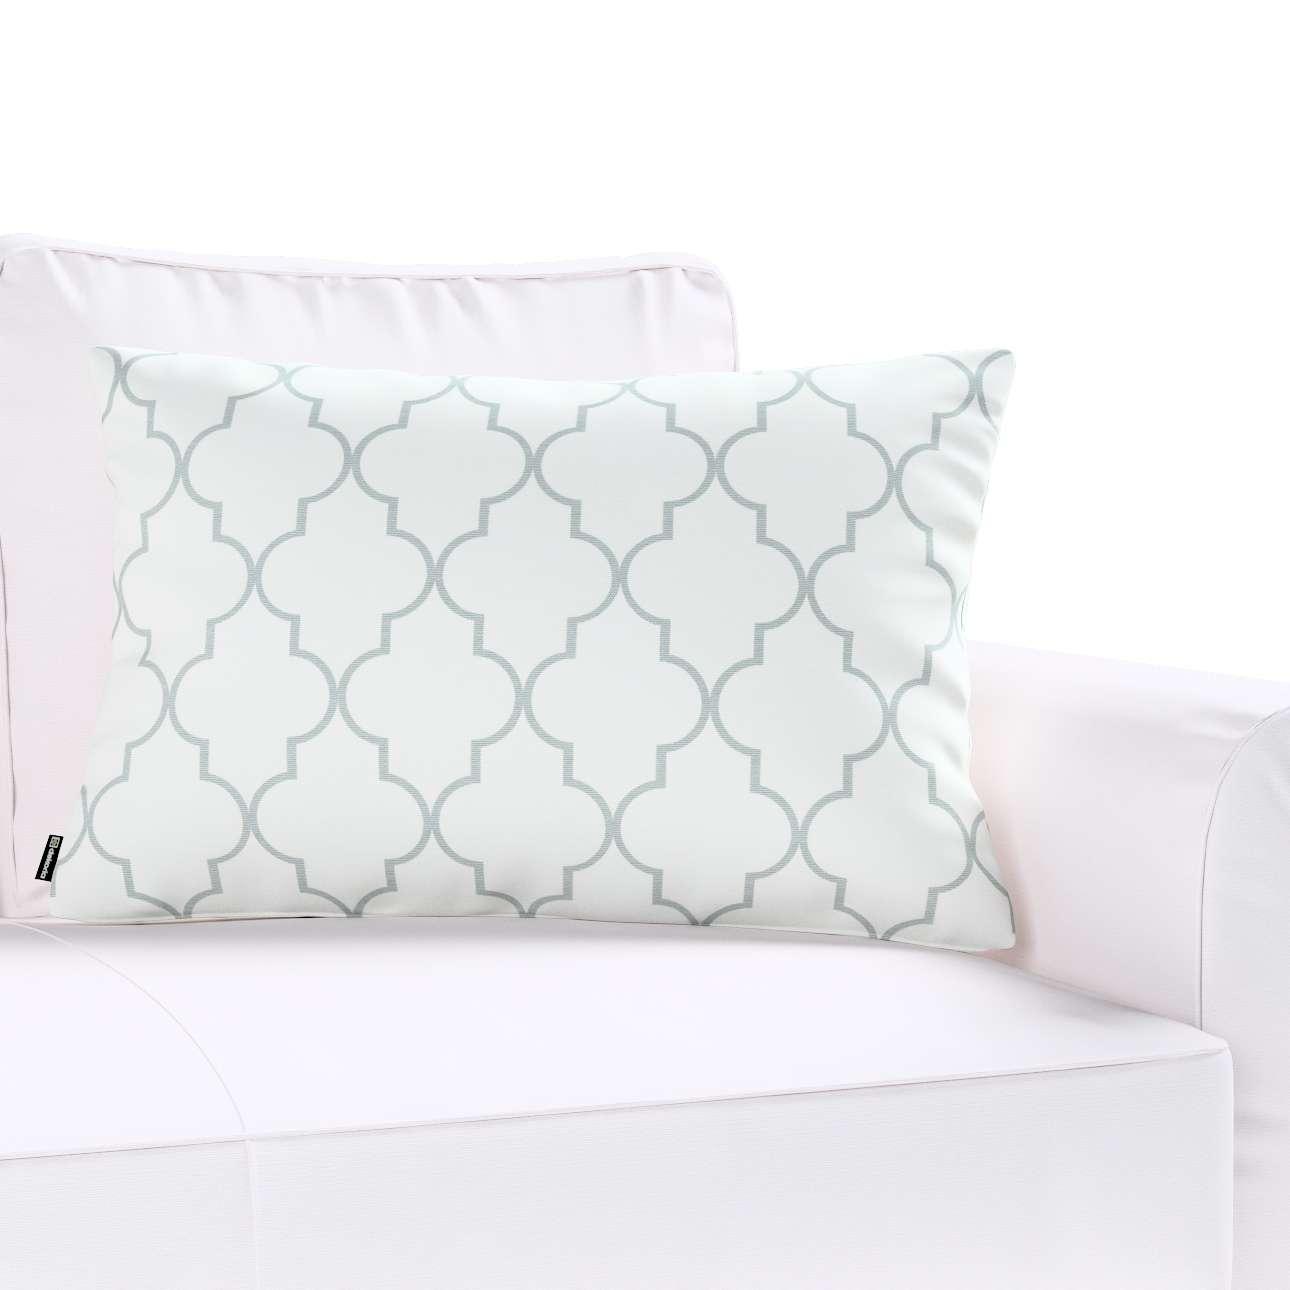 Poszewka Kinga na poduszkę prostokątną 60 x 40 cm w kolekcji Comics, tkanina: 137-85